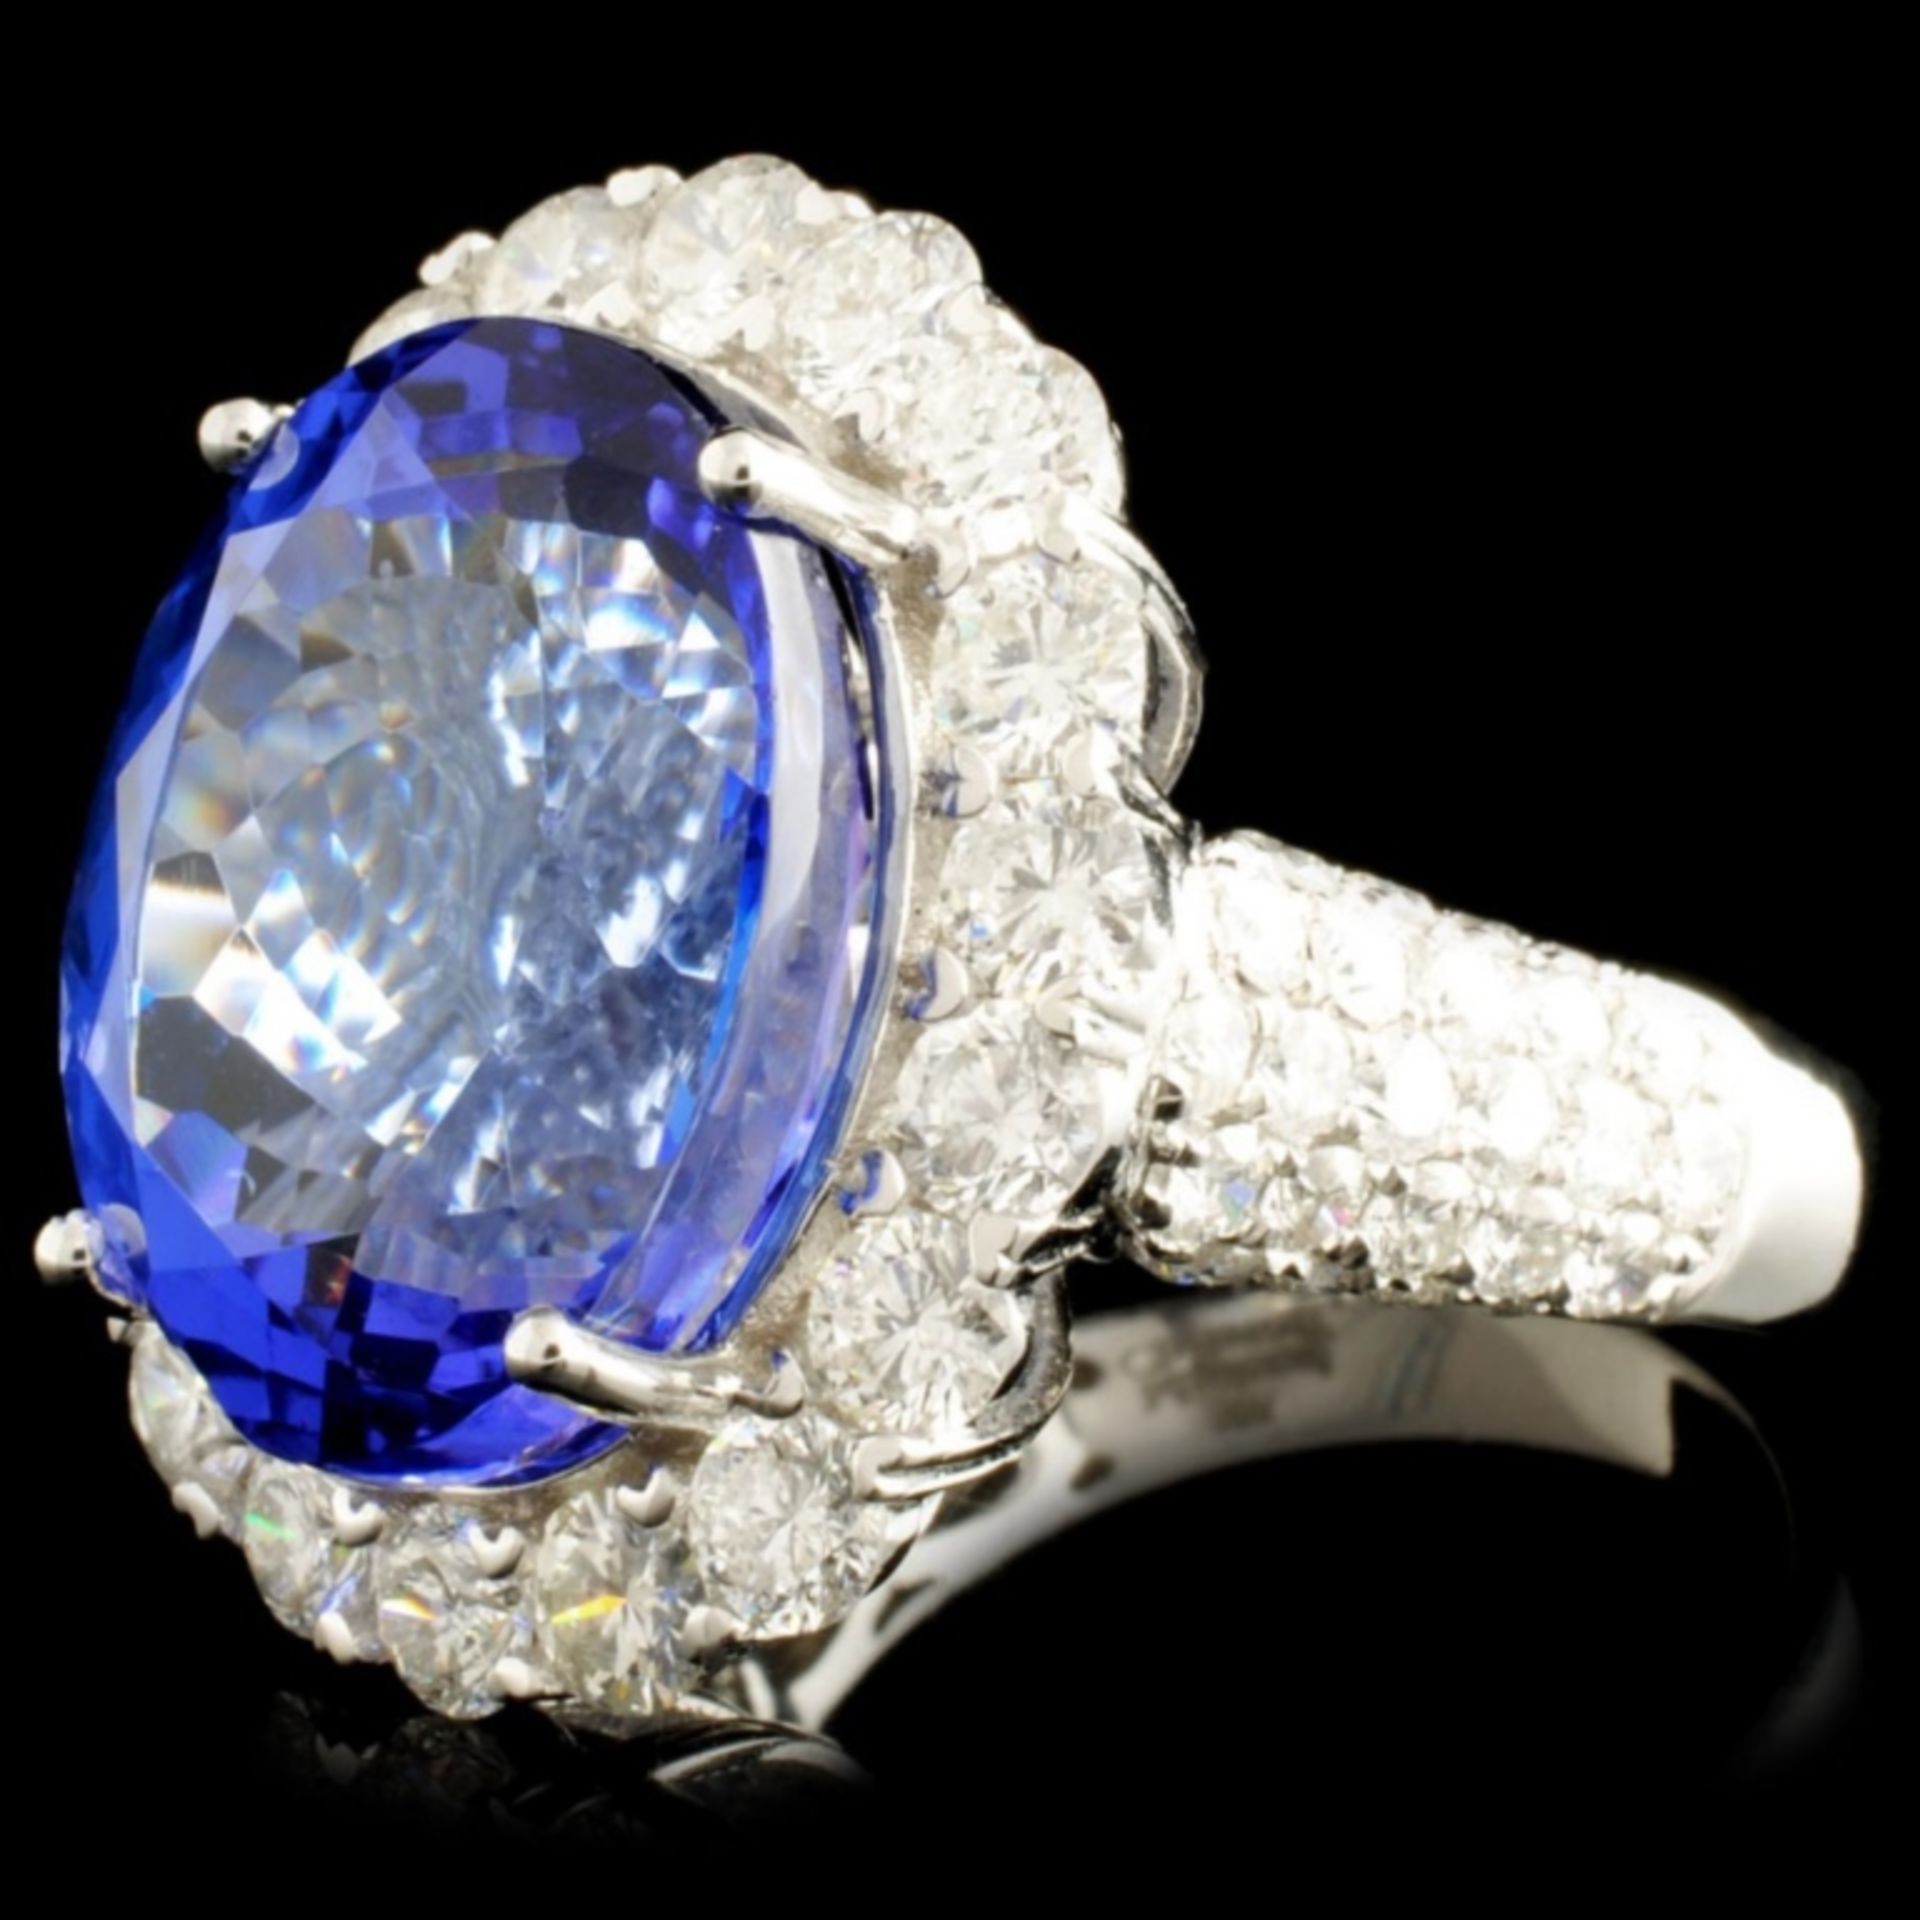 18K Gold 16.11ct Tanzanite & 3.06ctw Diamond Ring - Image 2 of 5